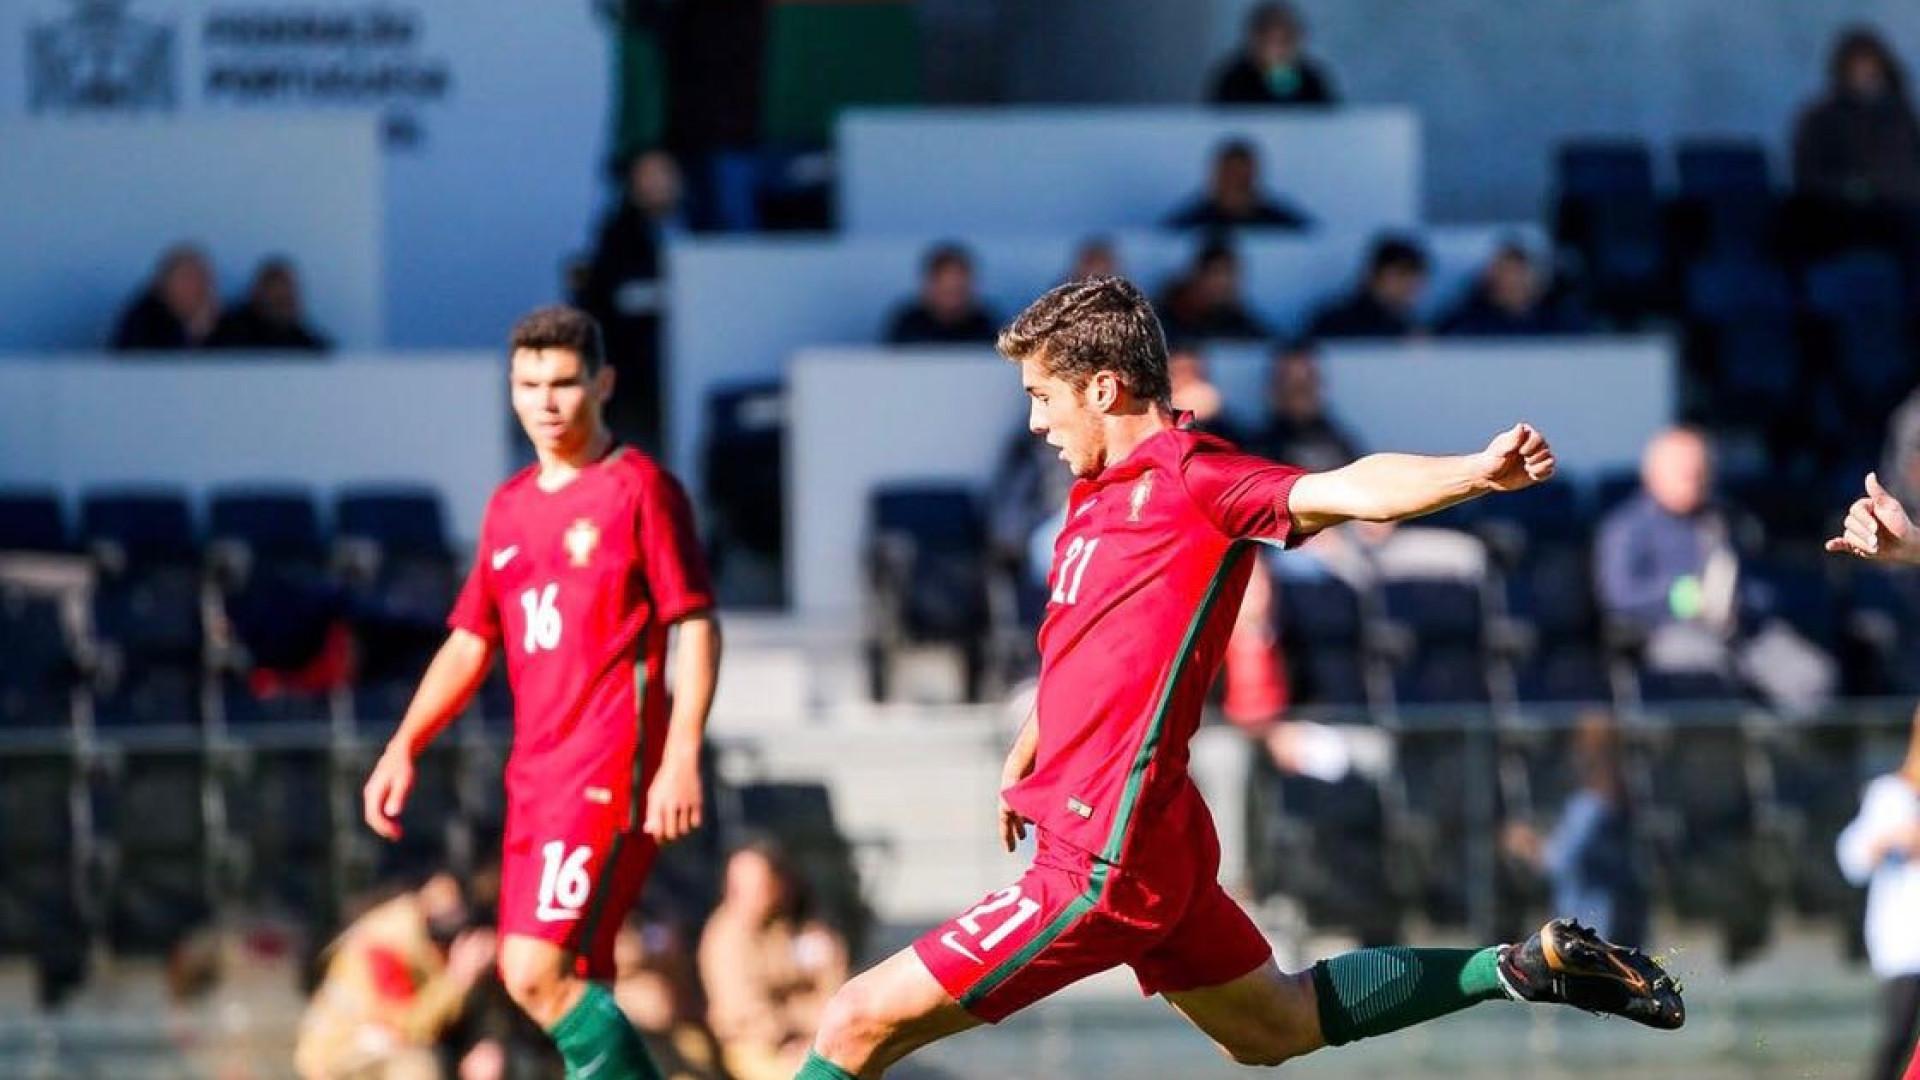 Duarte Valente: Apontado ao Benfica, mas sob o radar italiano